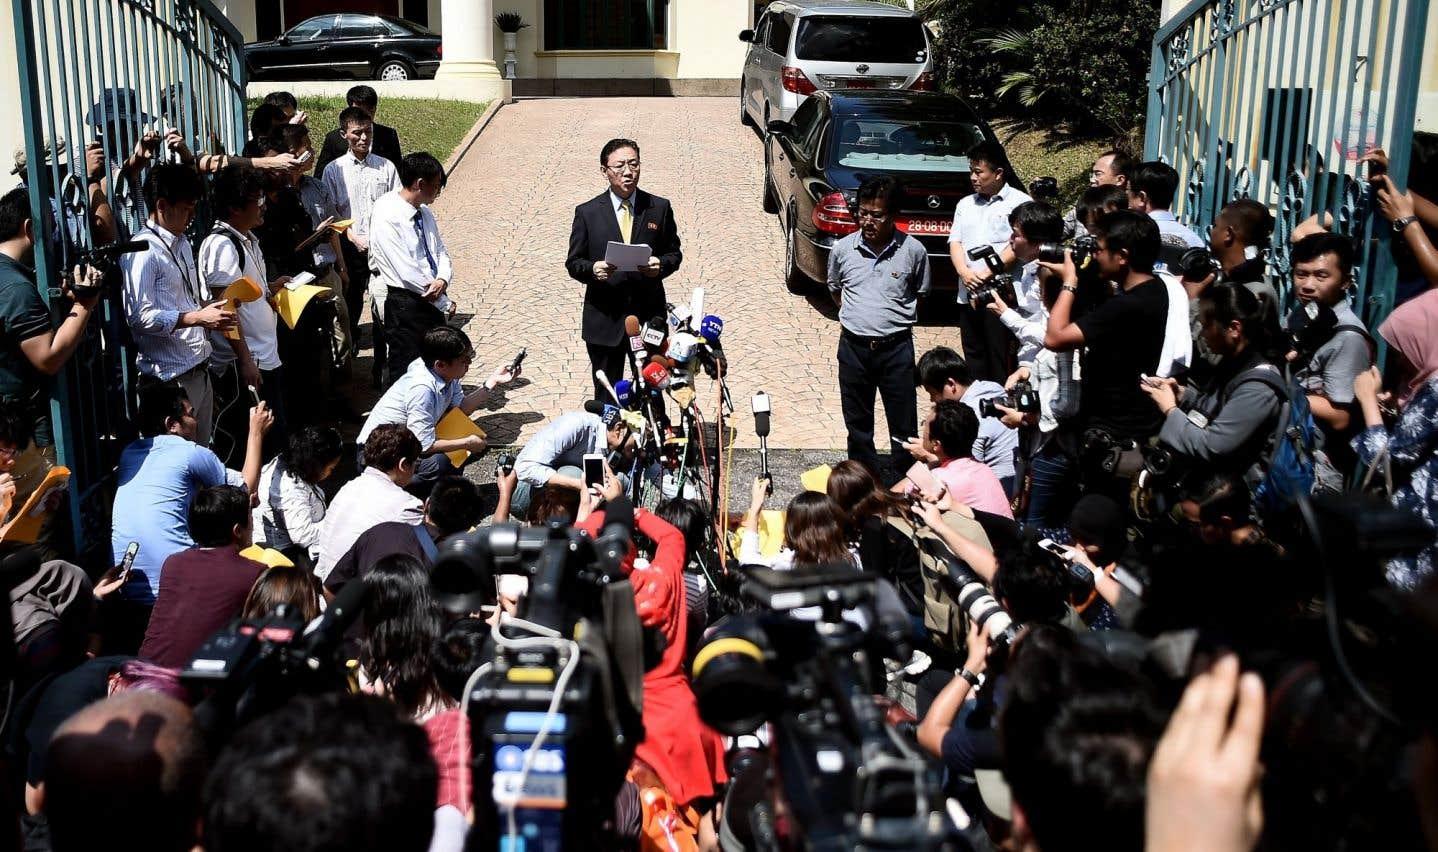 L'ambassadeur de la Corée du Nord à Kuala Lumpur a affirmé ne pas faire confiance à l'enquête malaisienne.